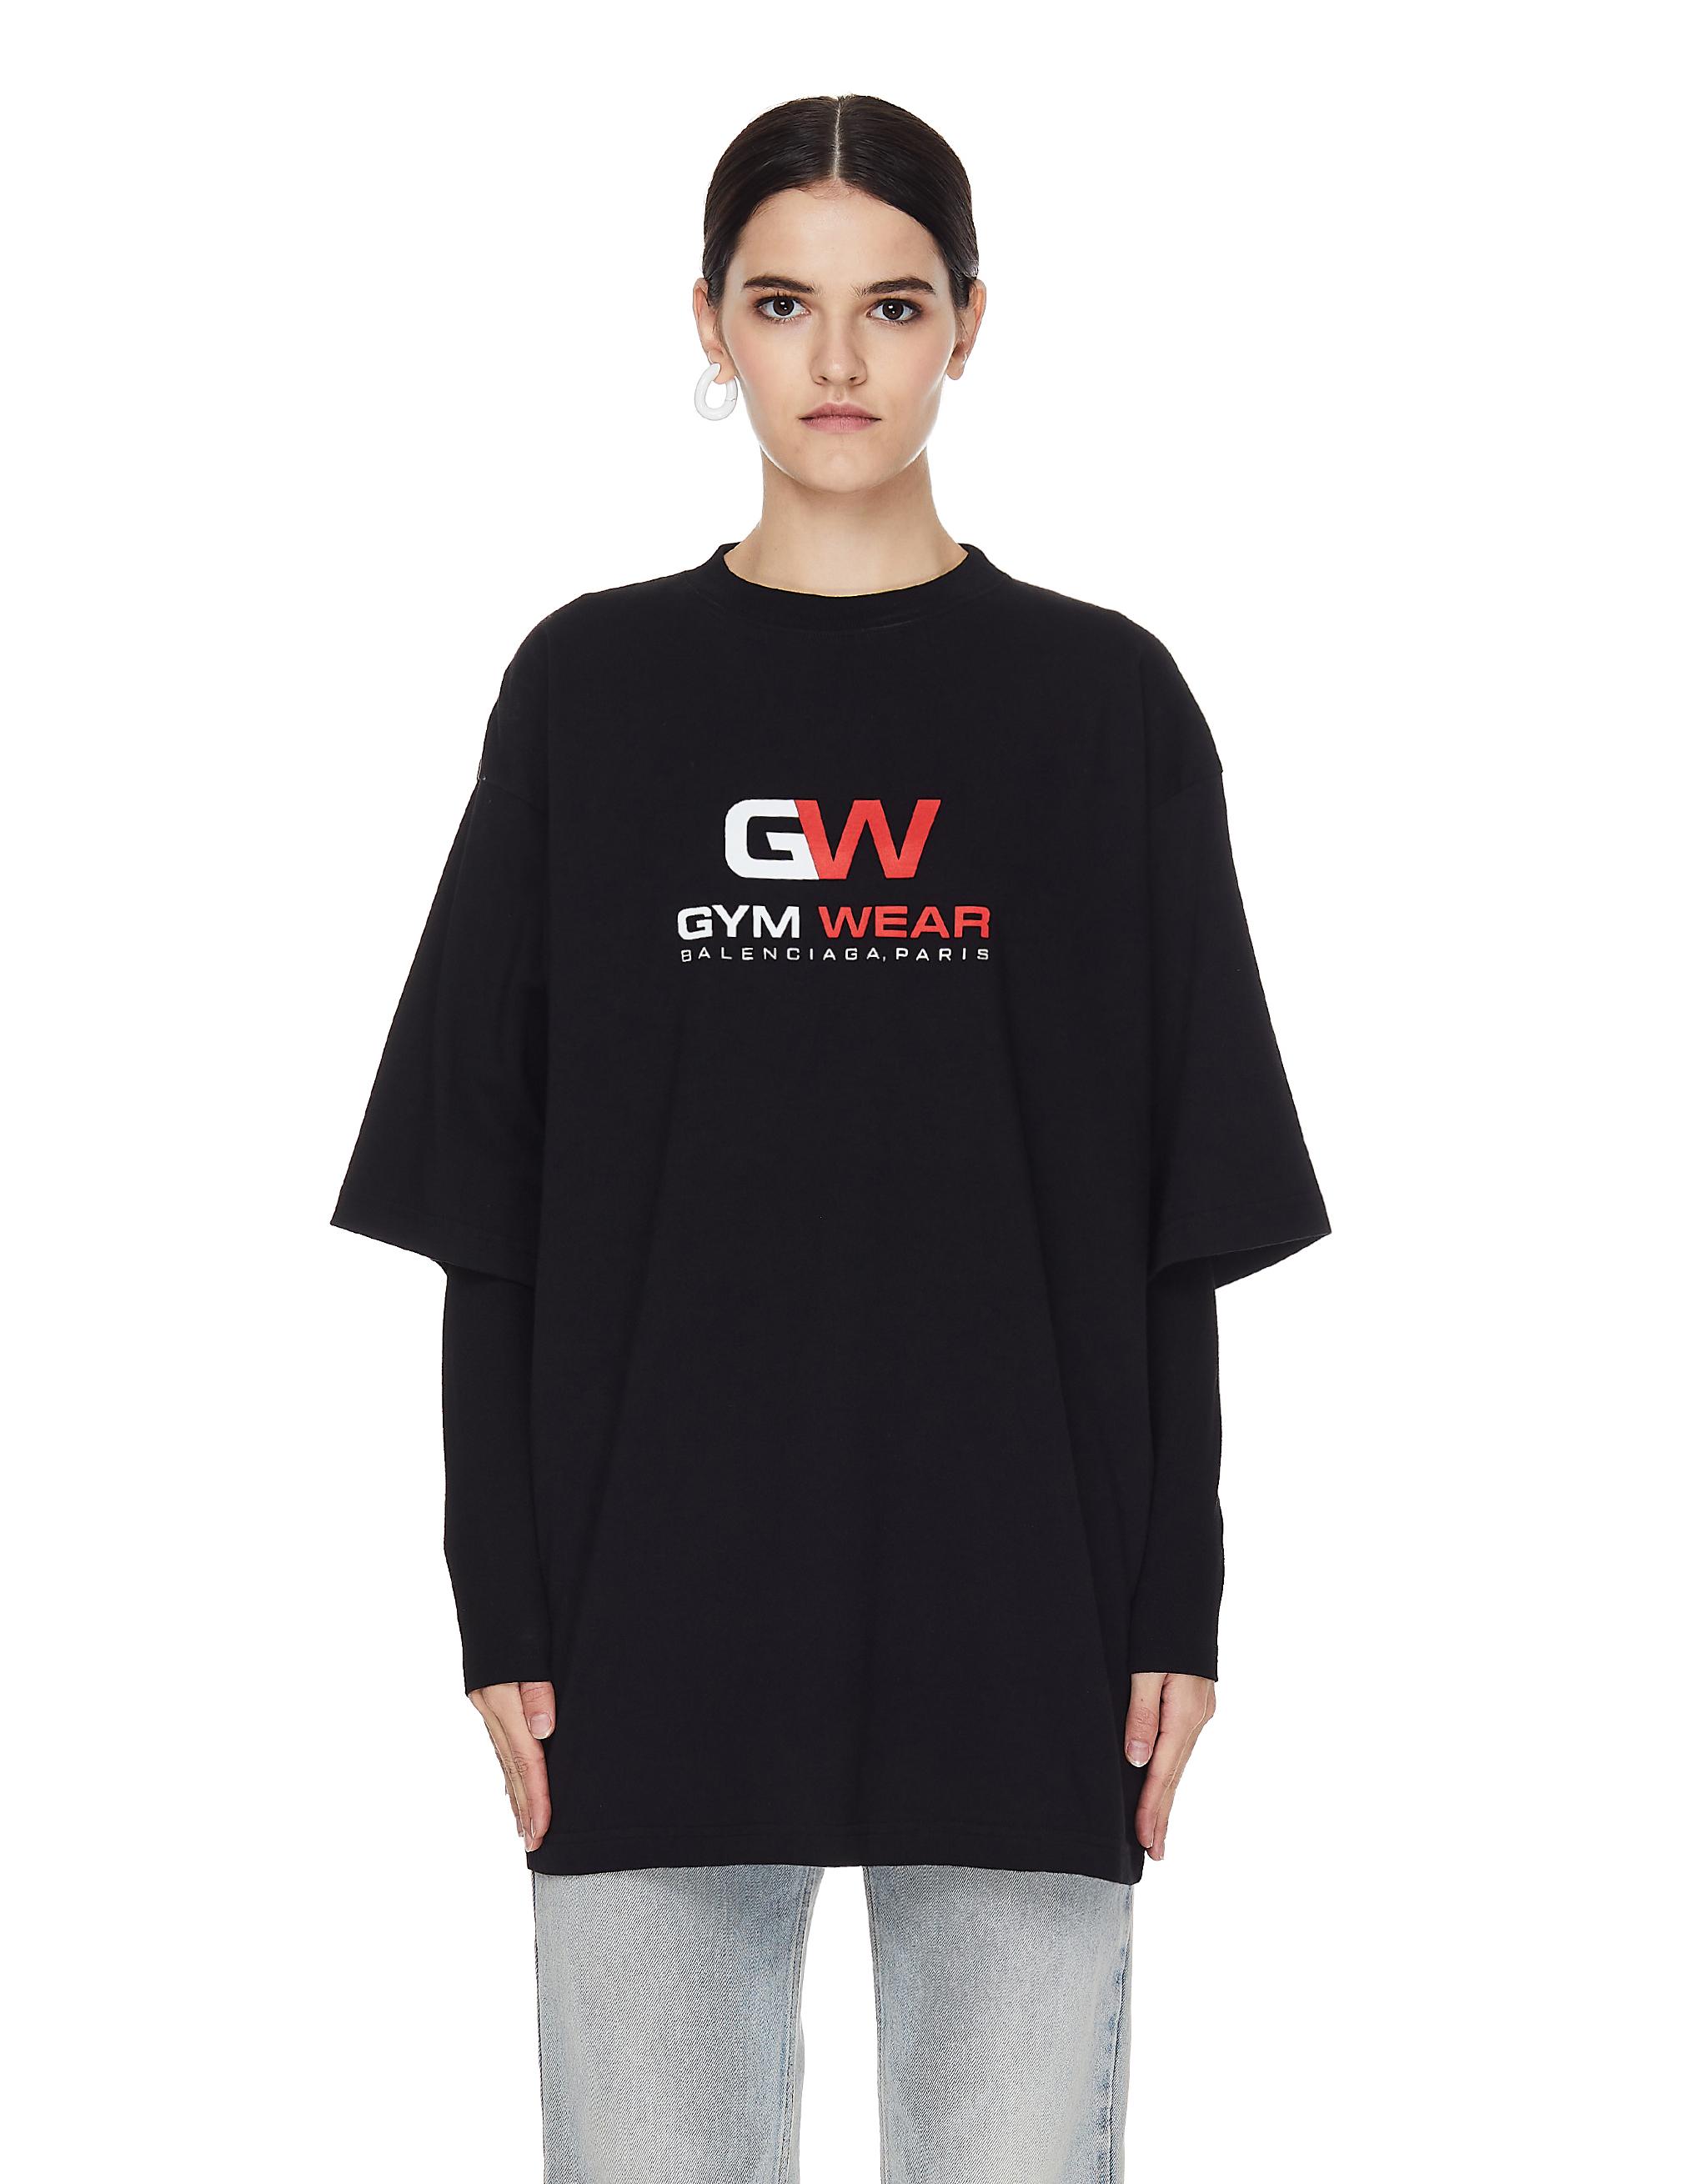 Balenciaga Oversize Gym Wear T-shirt